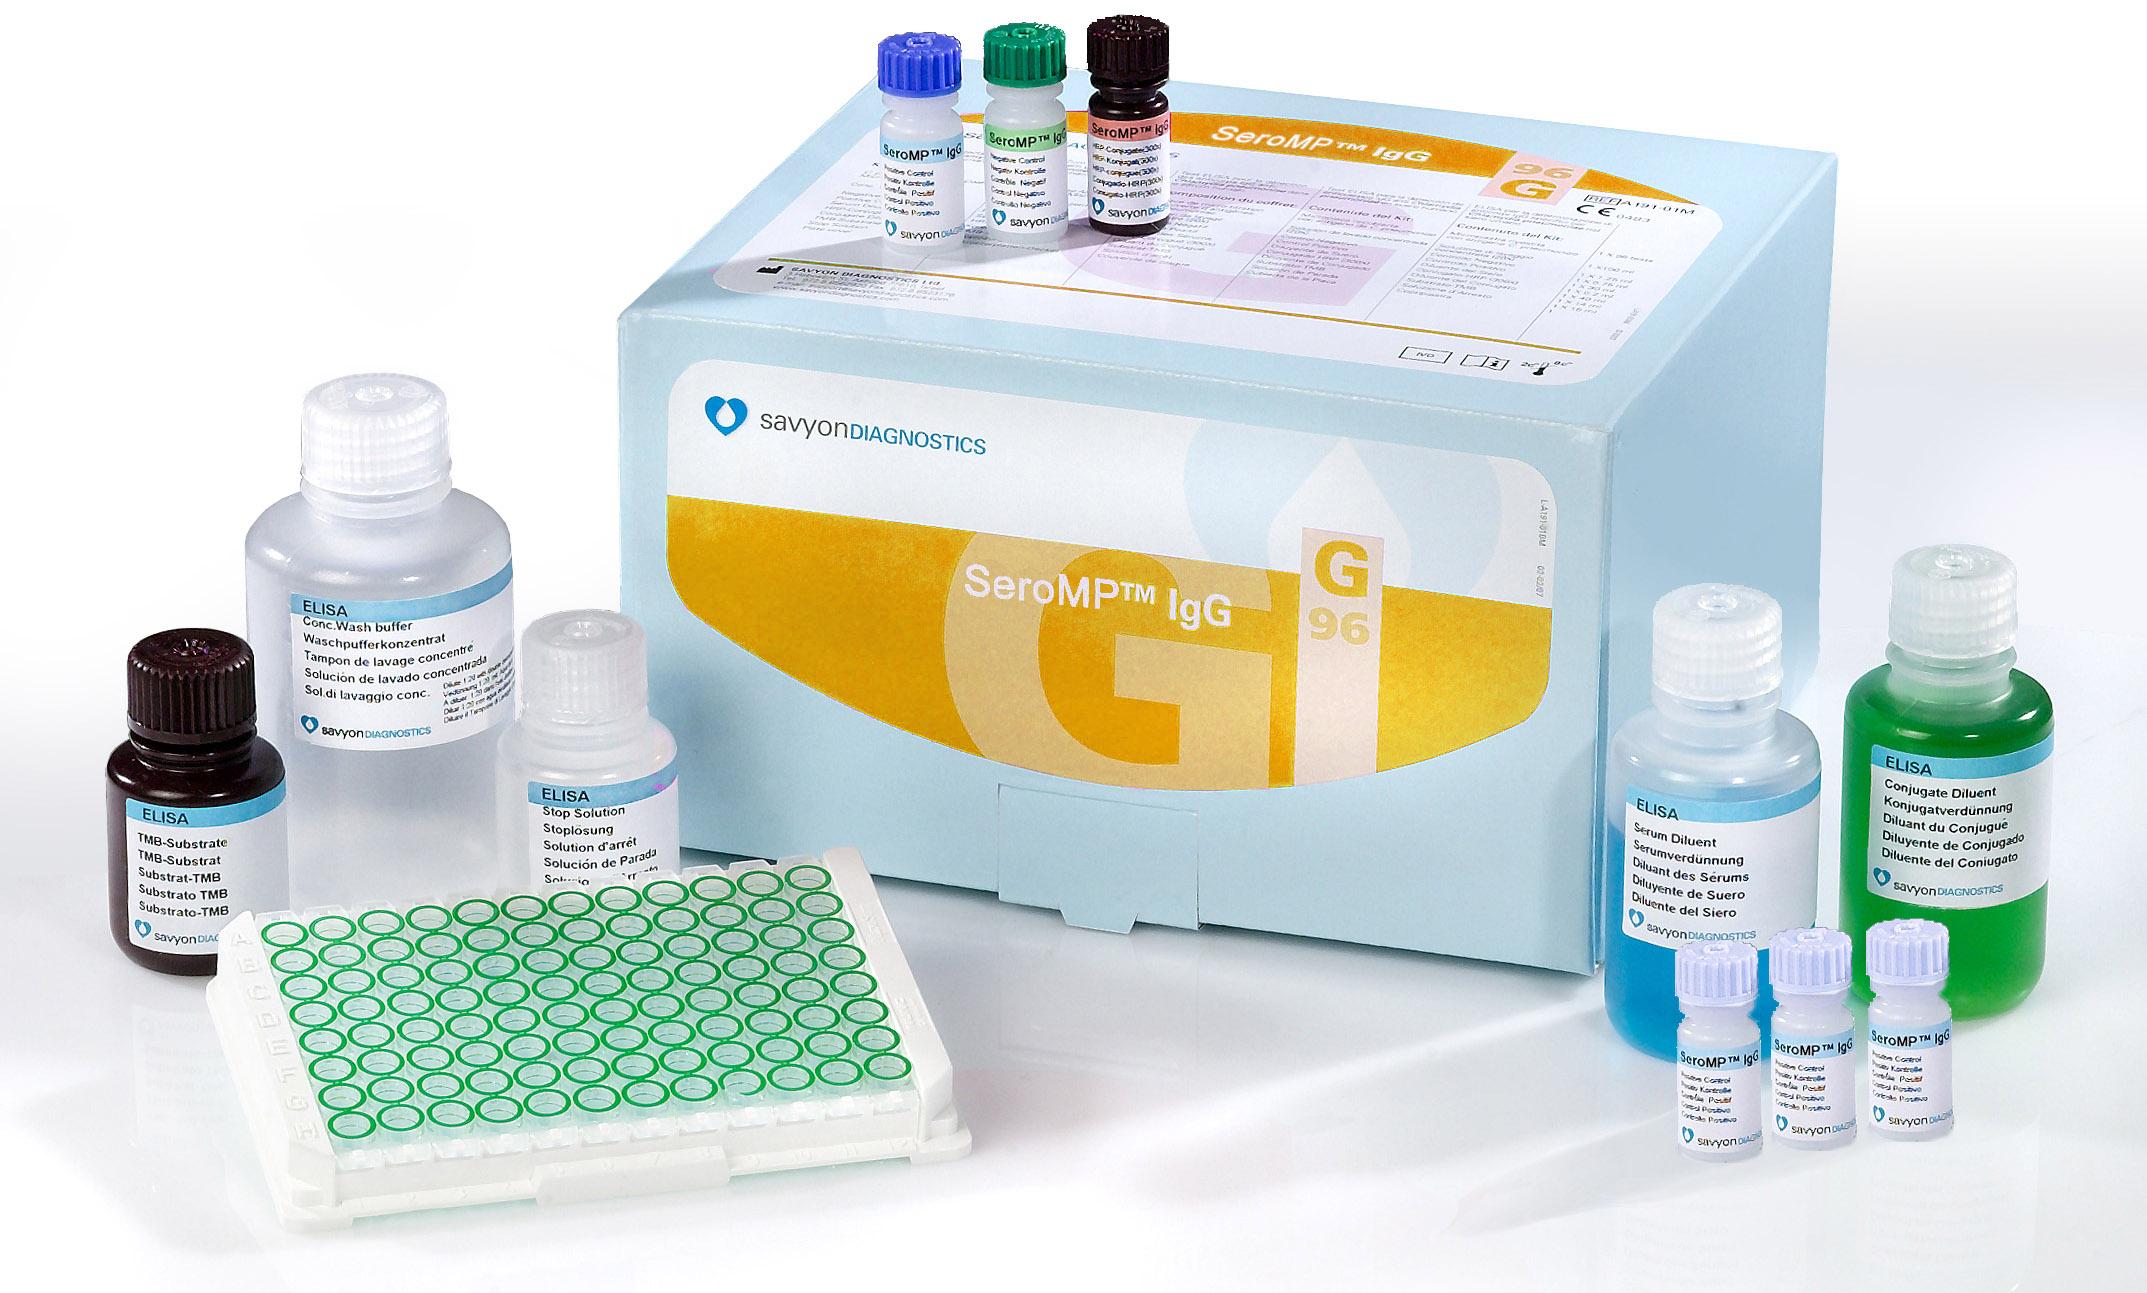 肺炎支原体抗体IgG检测试剂盒(酶联免疫法)